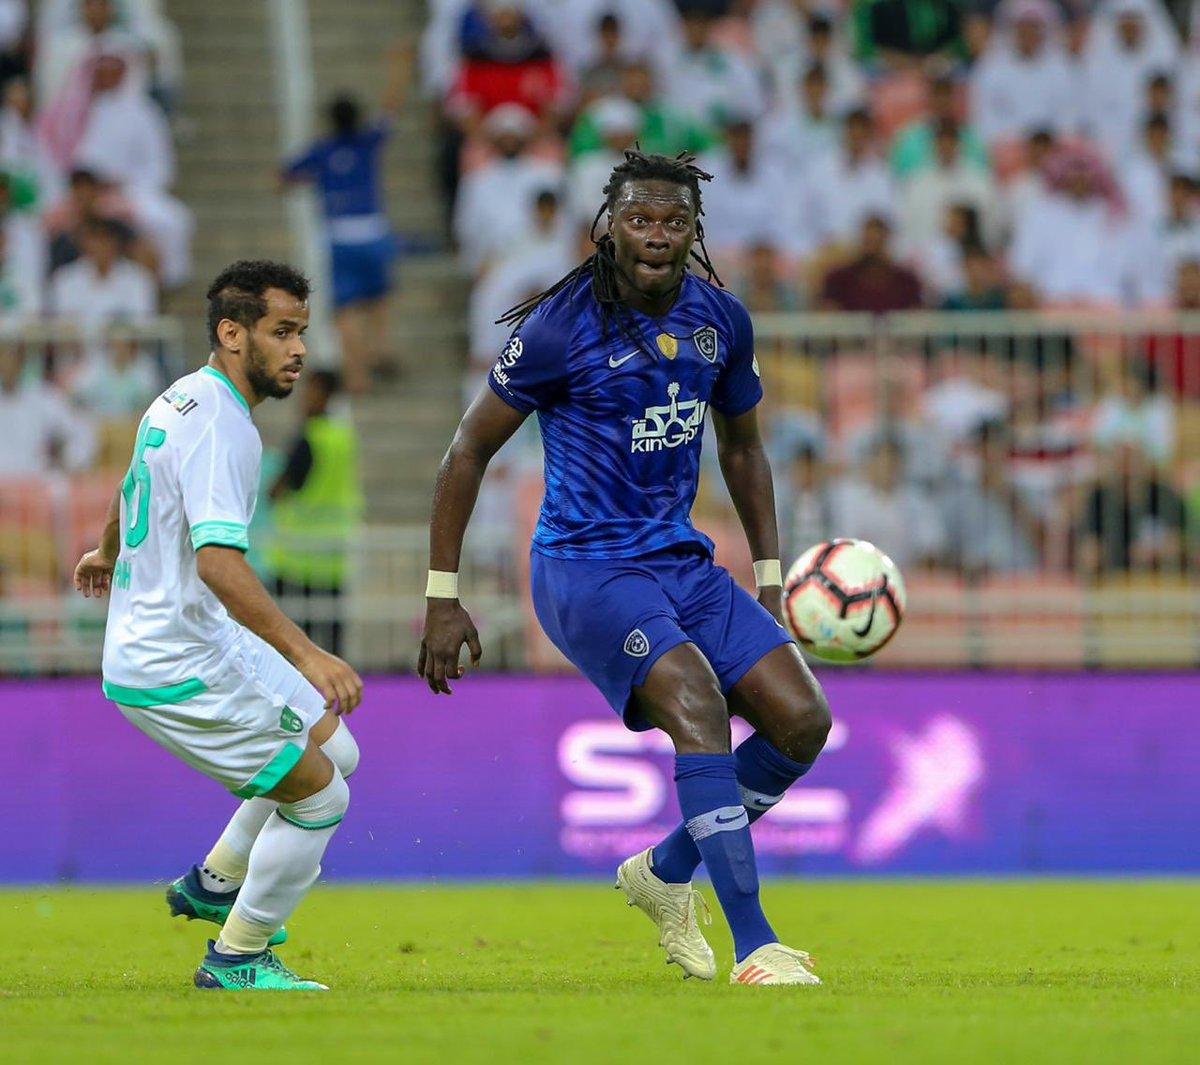 الهلال يبعد الاهلي ويضرب موعدا مع اتحاد جدة في ربع النهائي الآسيوي